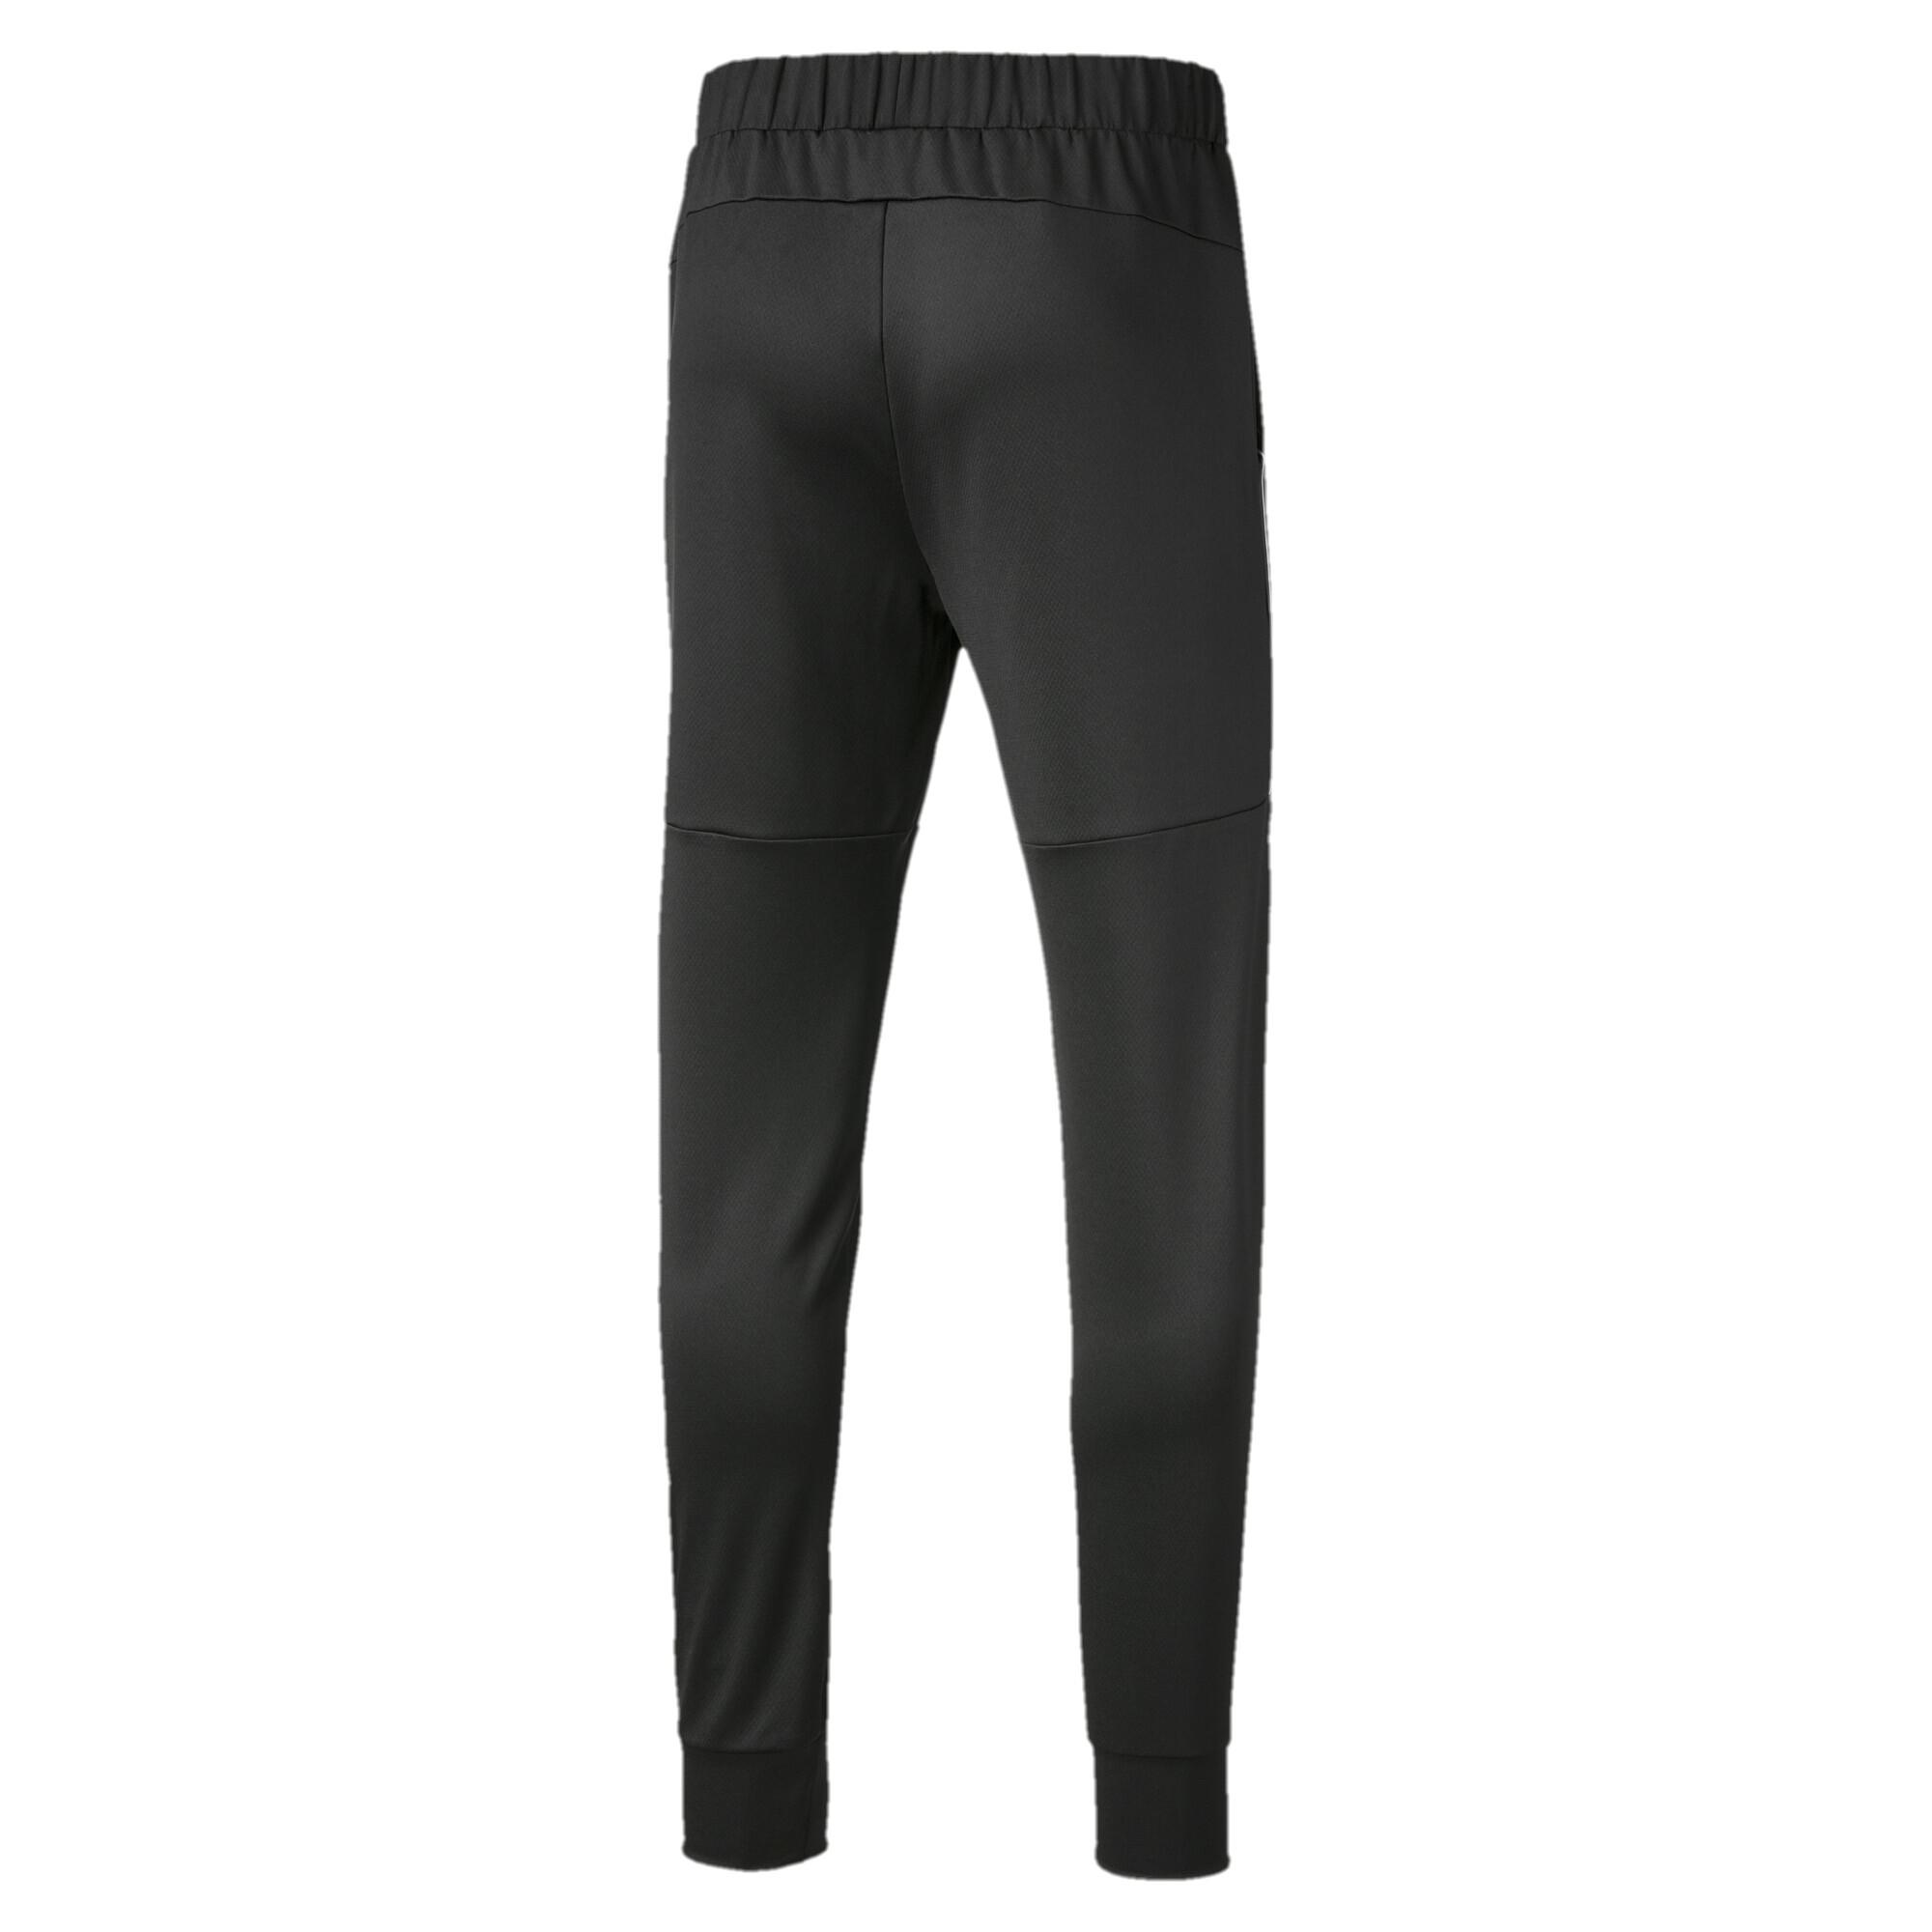 PUMA-Tec-Sports-Men-039-s-Sweatpants-Men-Knitted-Pants-Basics thumbnail 3